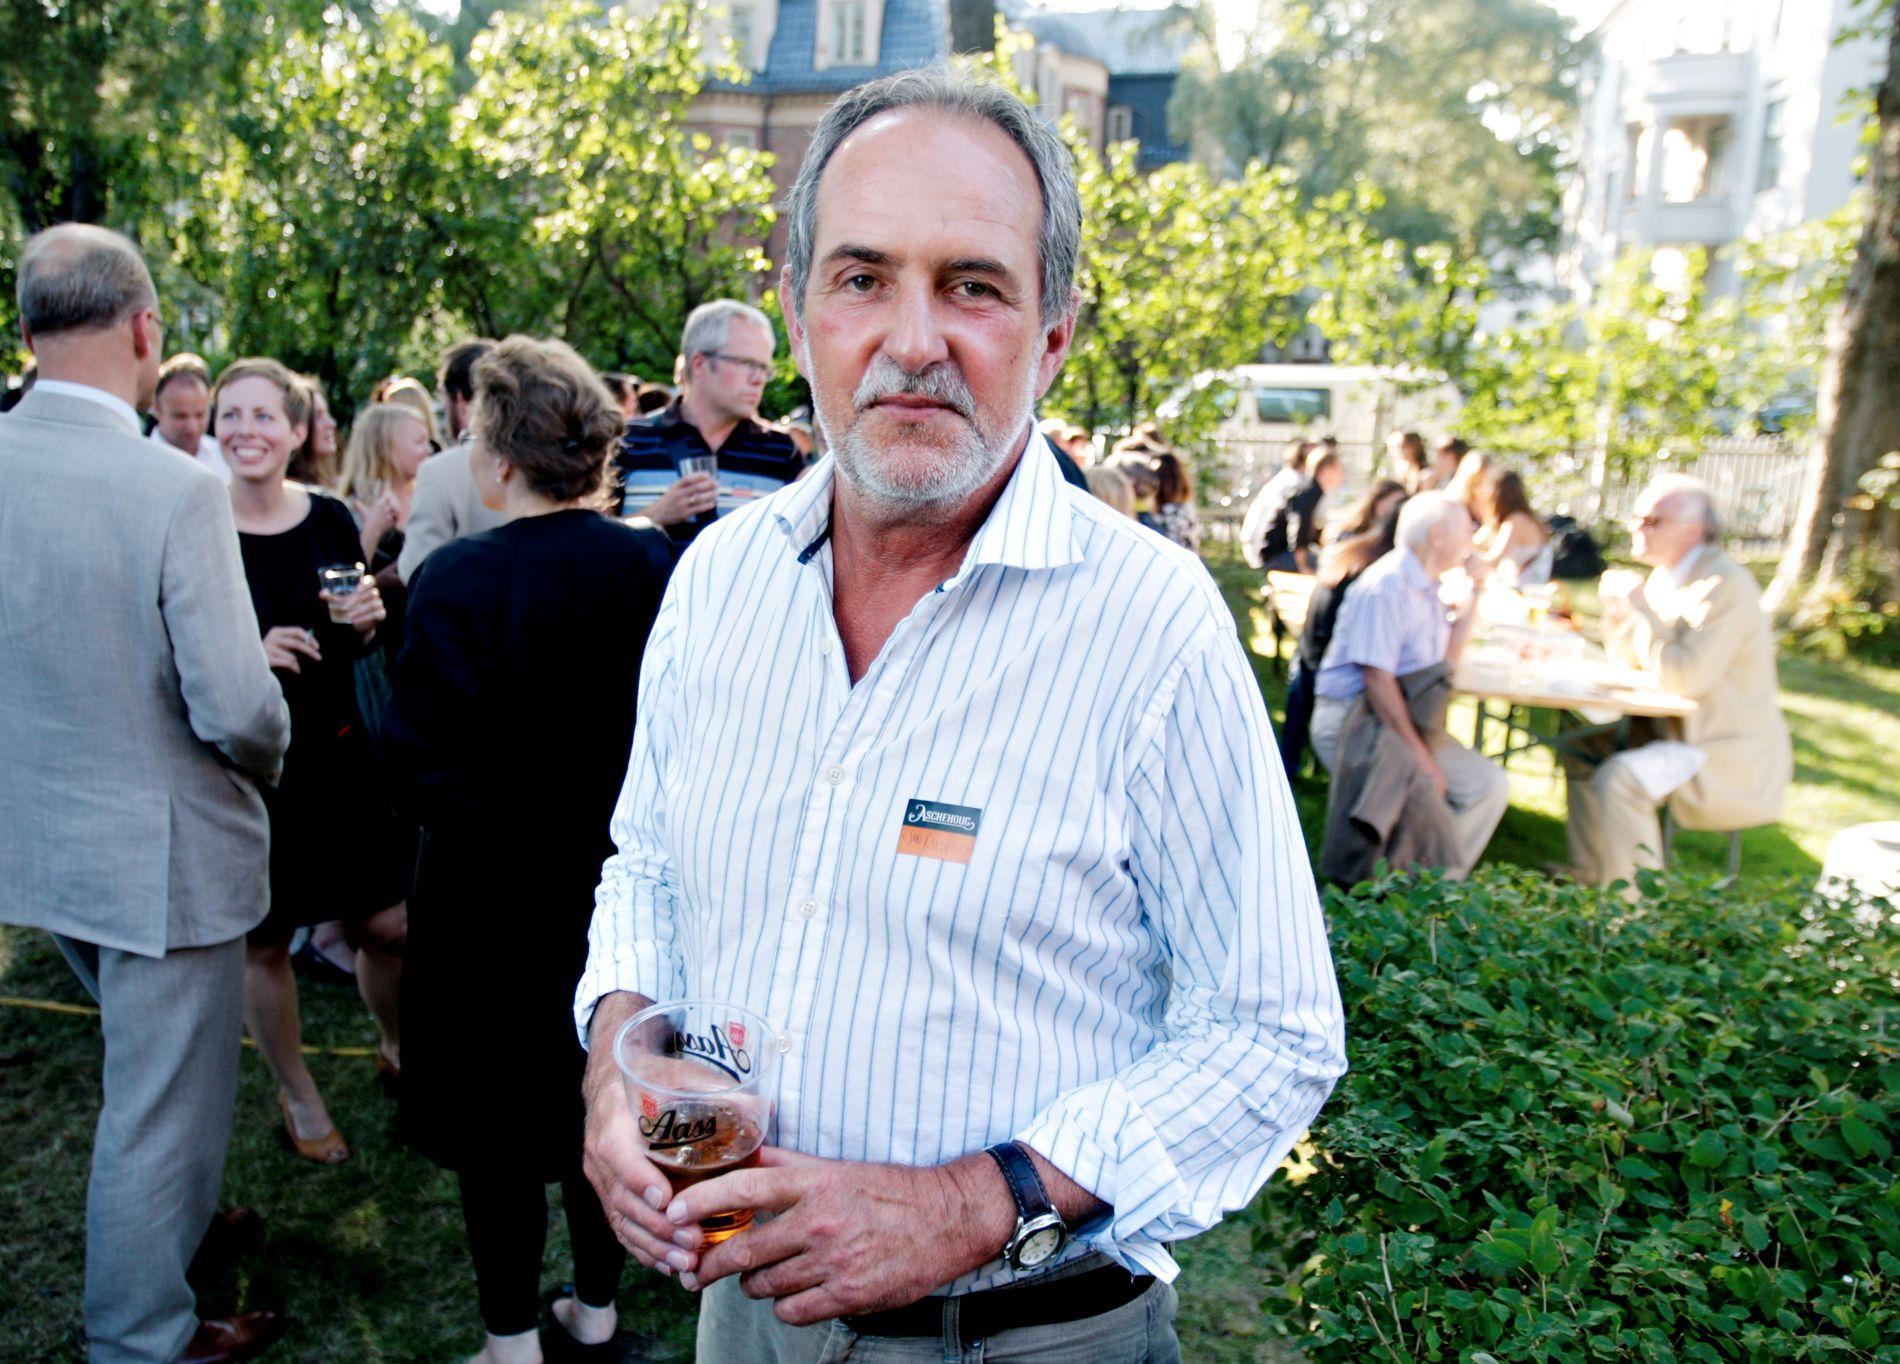 MICHELET PÅ HAGEFEST: Jon Michelet var på mange av Aschehougs hagefester. Dette bildet er fra 2007.